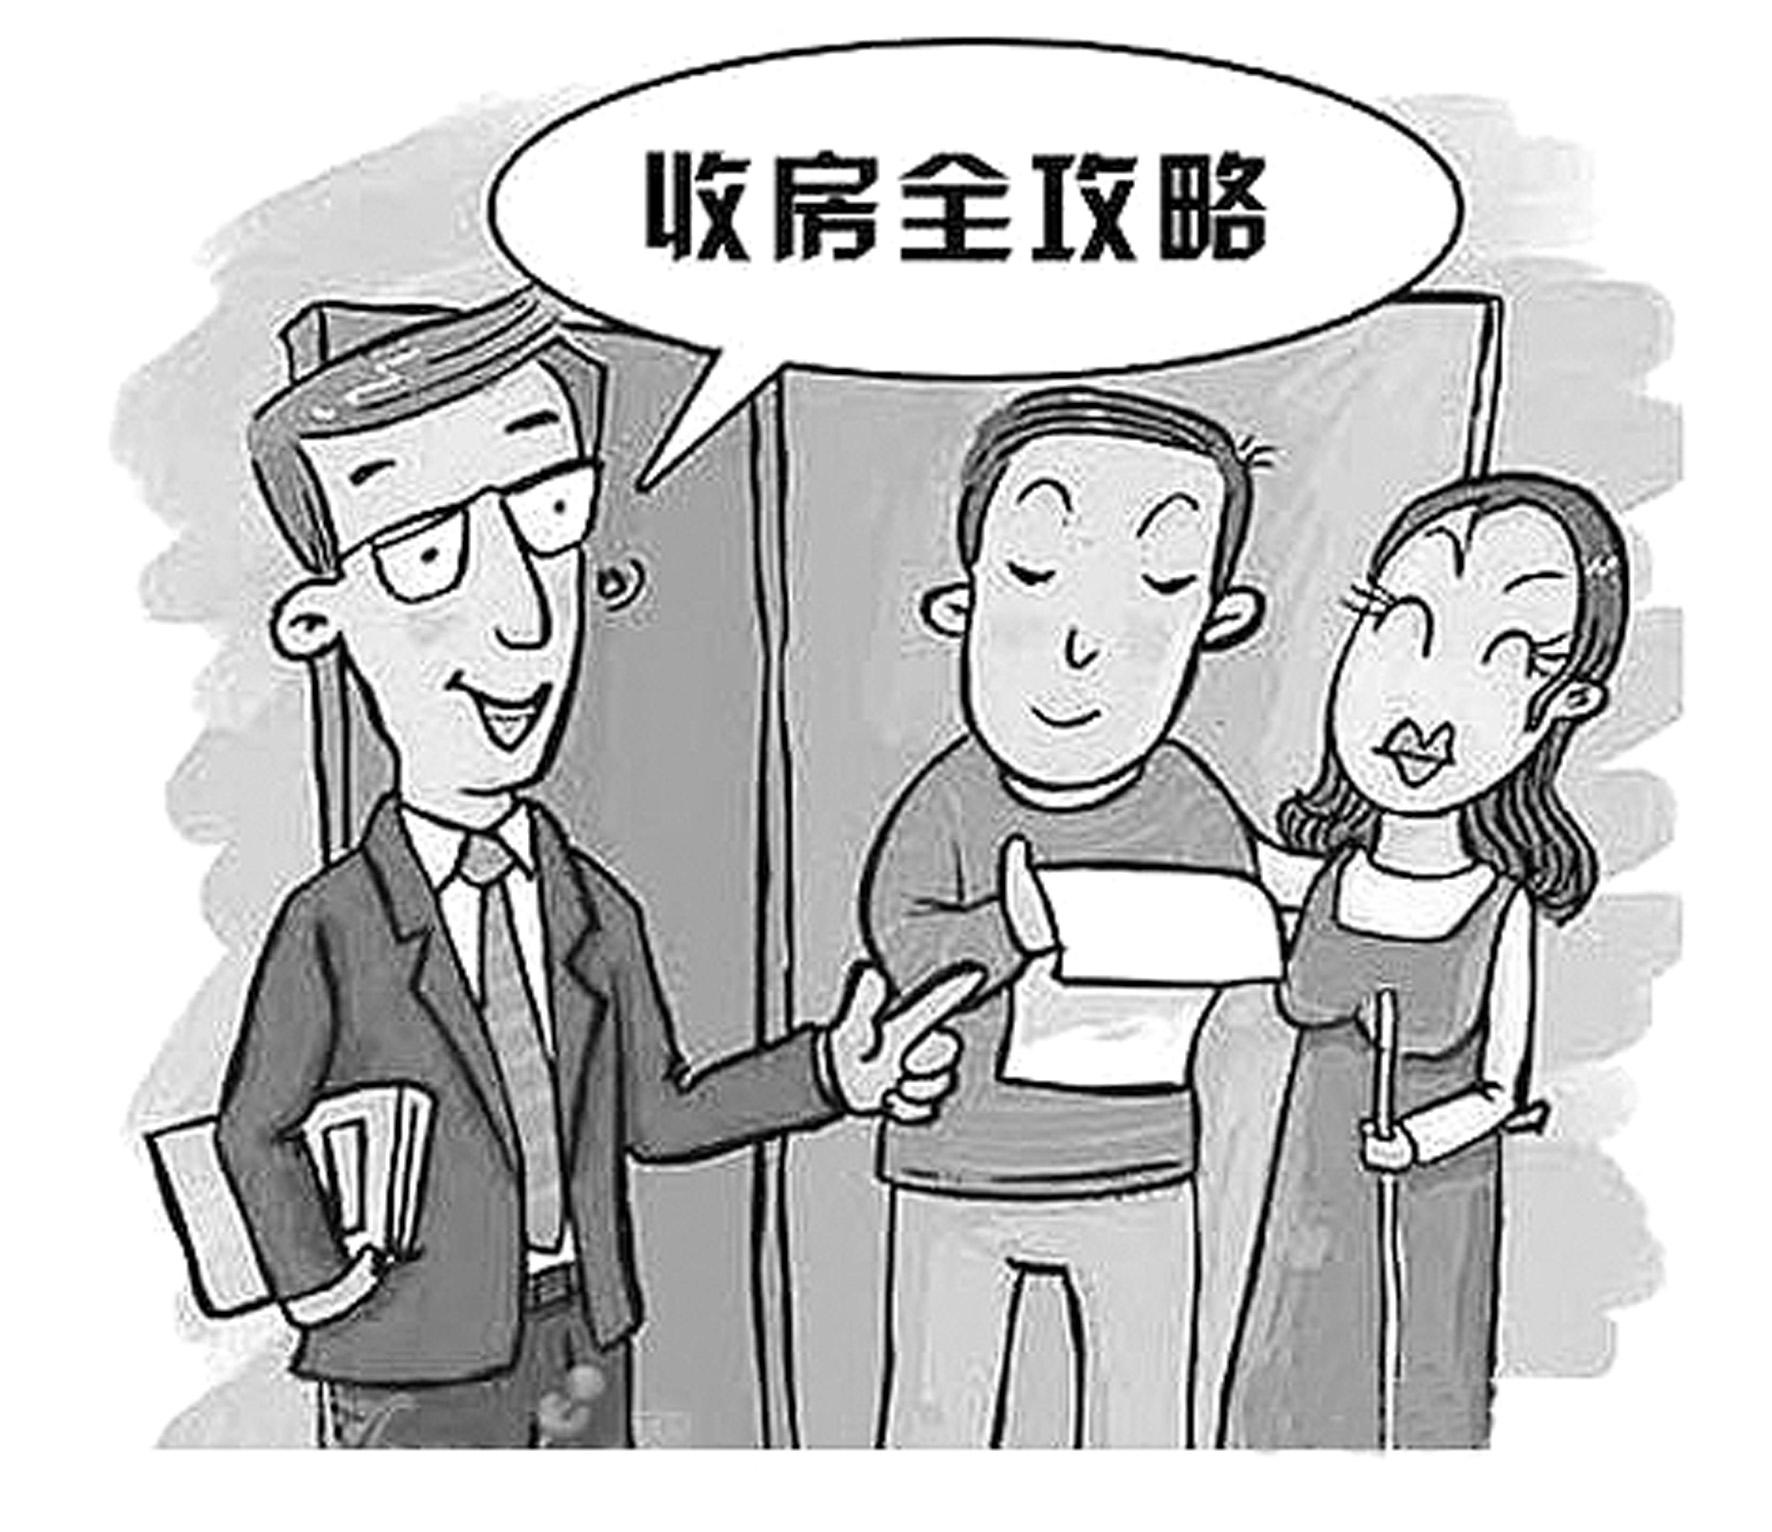 验收房子的数据和问题写在物业公司提供的纸张上.